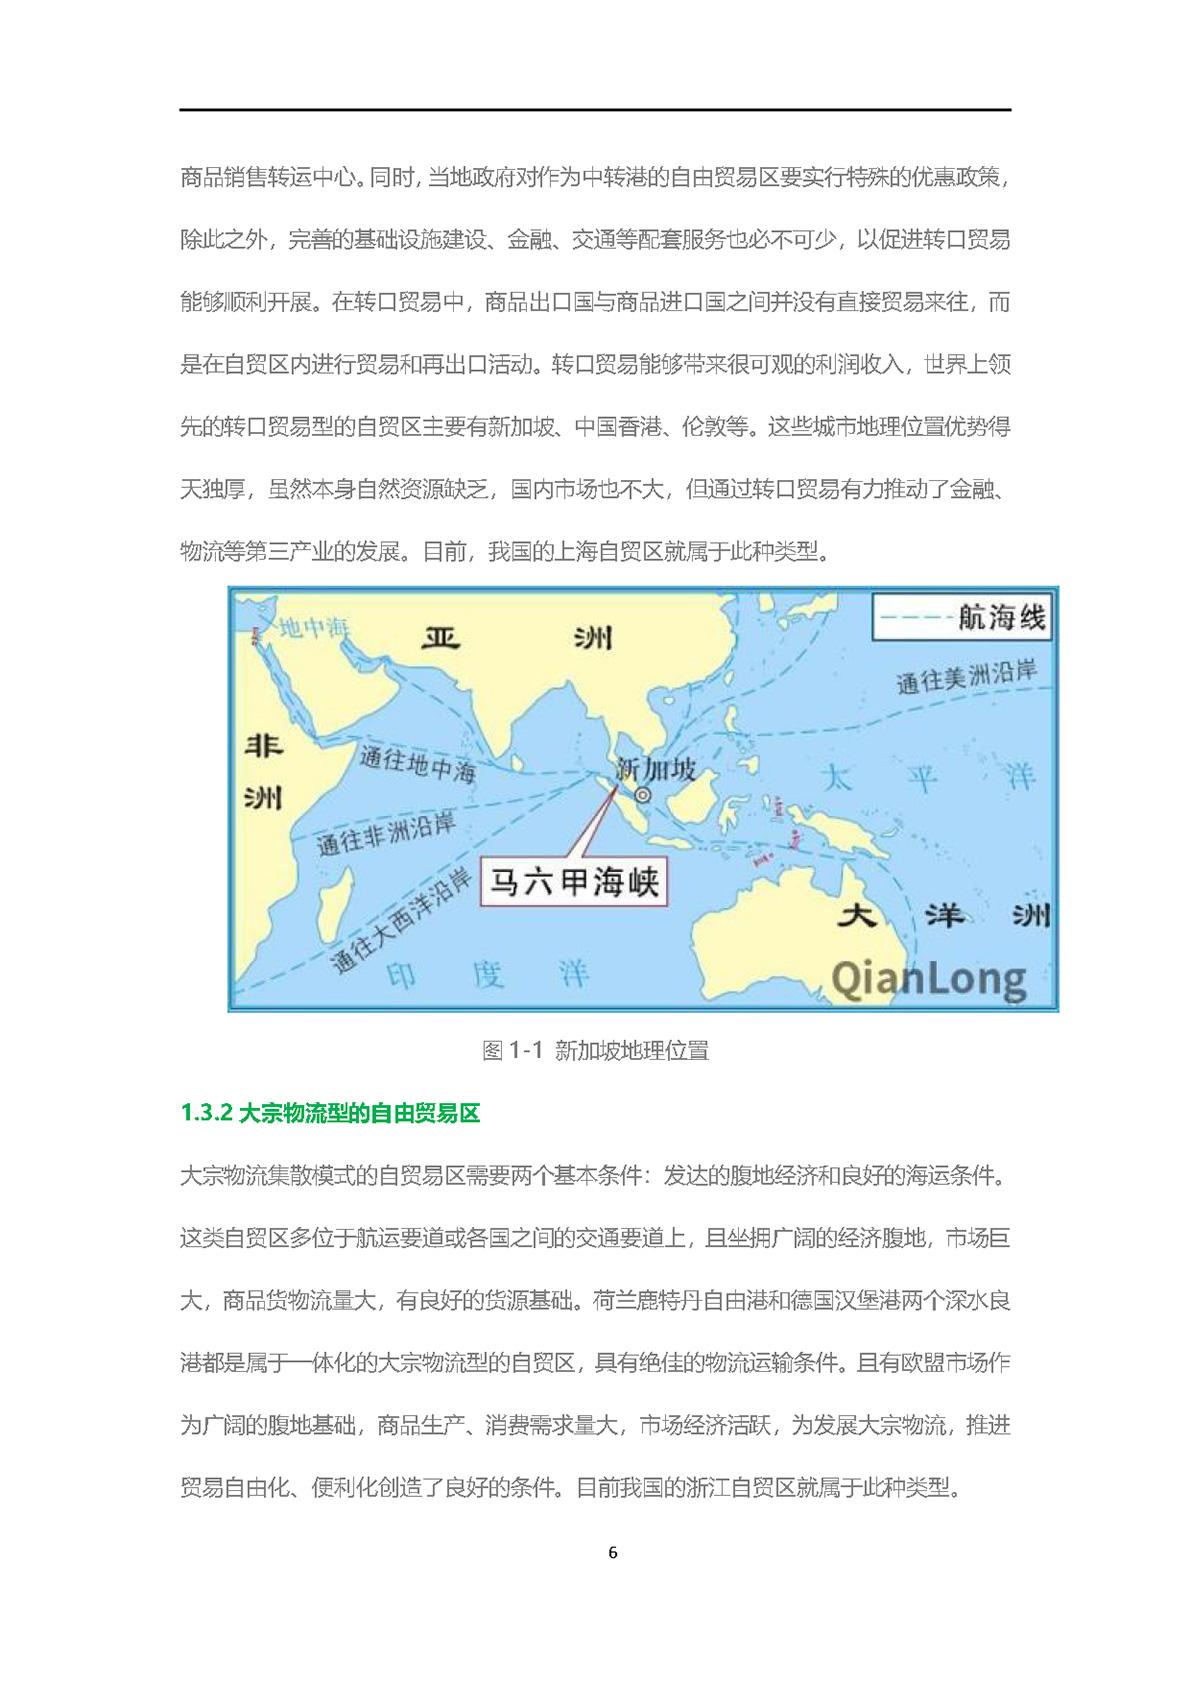 唯恒农业:中国自贸区政策创新研究—以上海自贸区为例